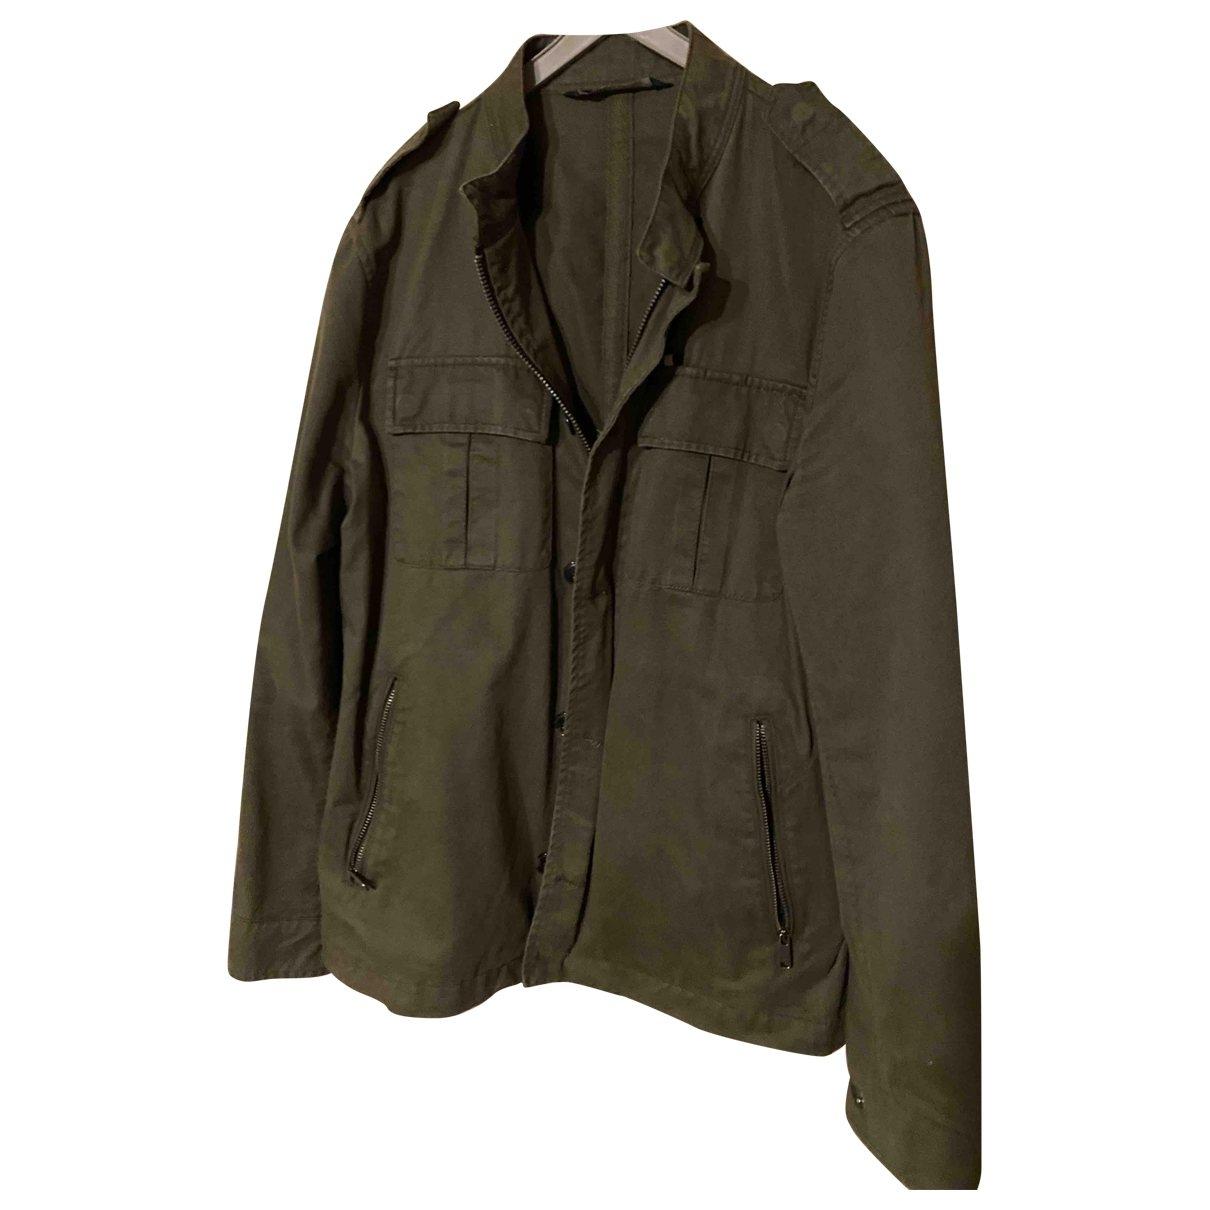 Zara - Vestes.Blousons   pour homme en coton - vert